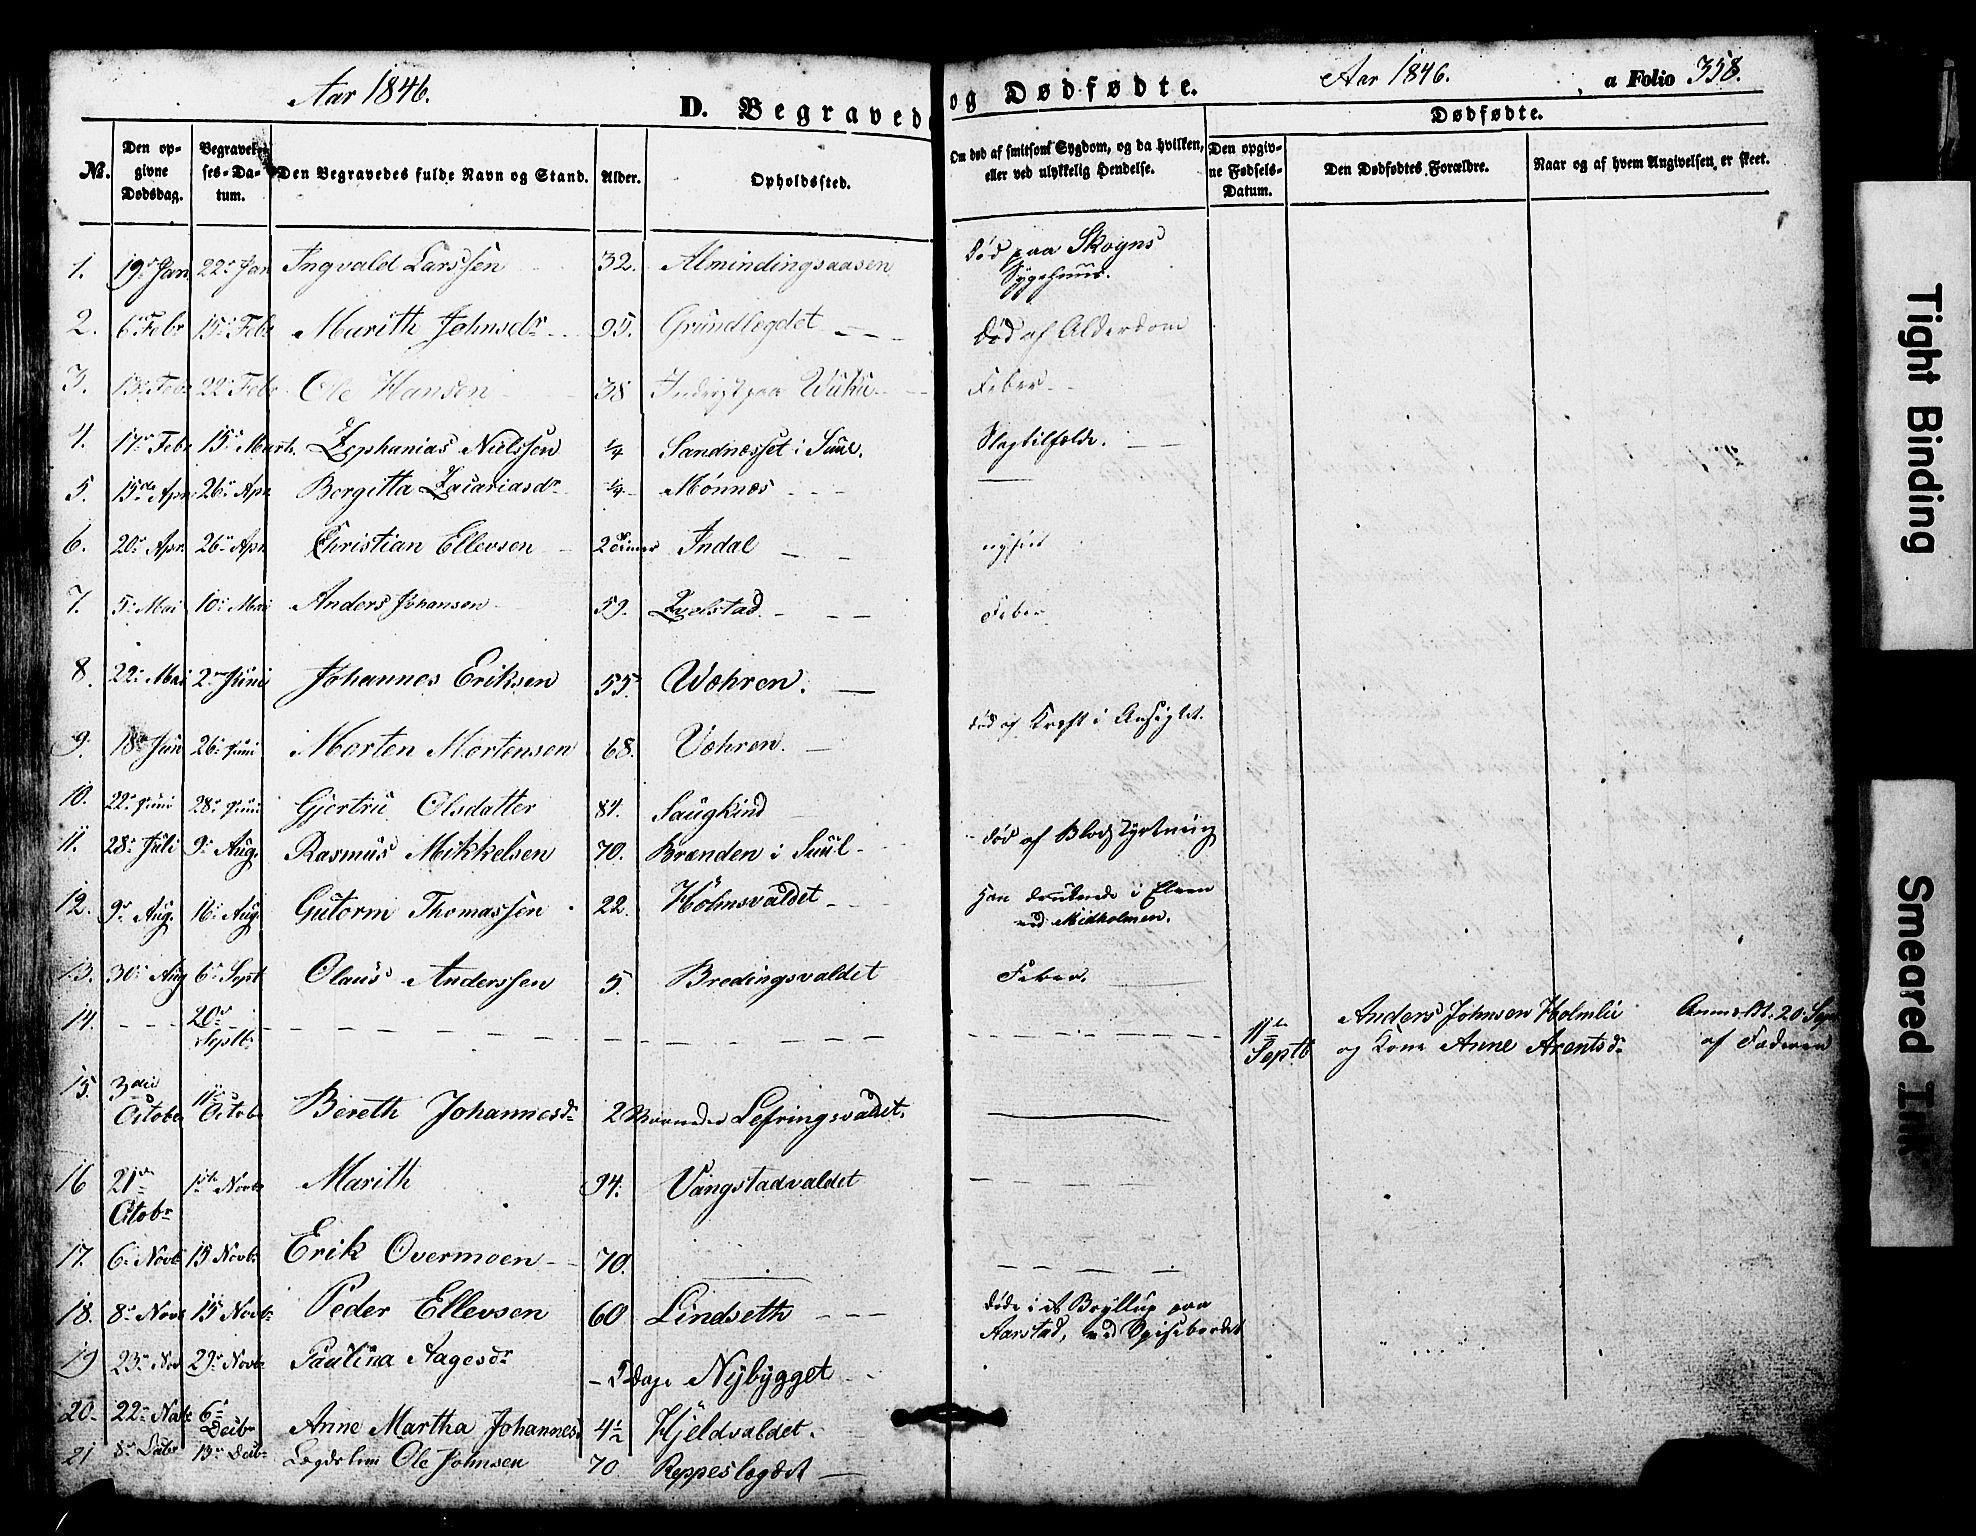 SAT, Ministerialprotokoller, klokkerbøker og fødselsregistre - Nord-Trøndelag, 724/L0268: Klokkerbok nr. 724C04, 1846-1878, s. 358